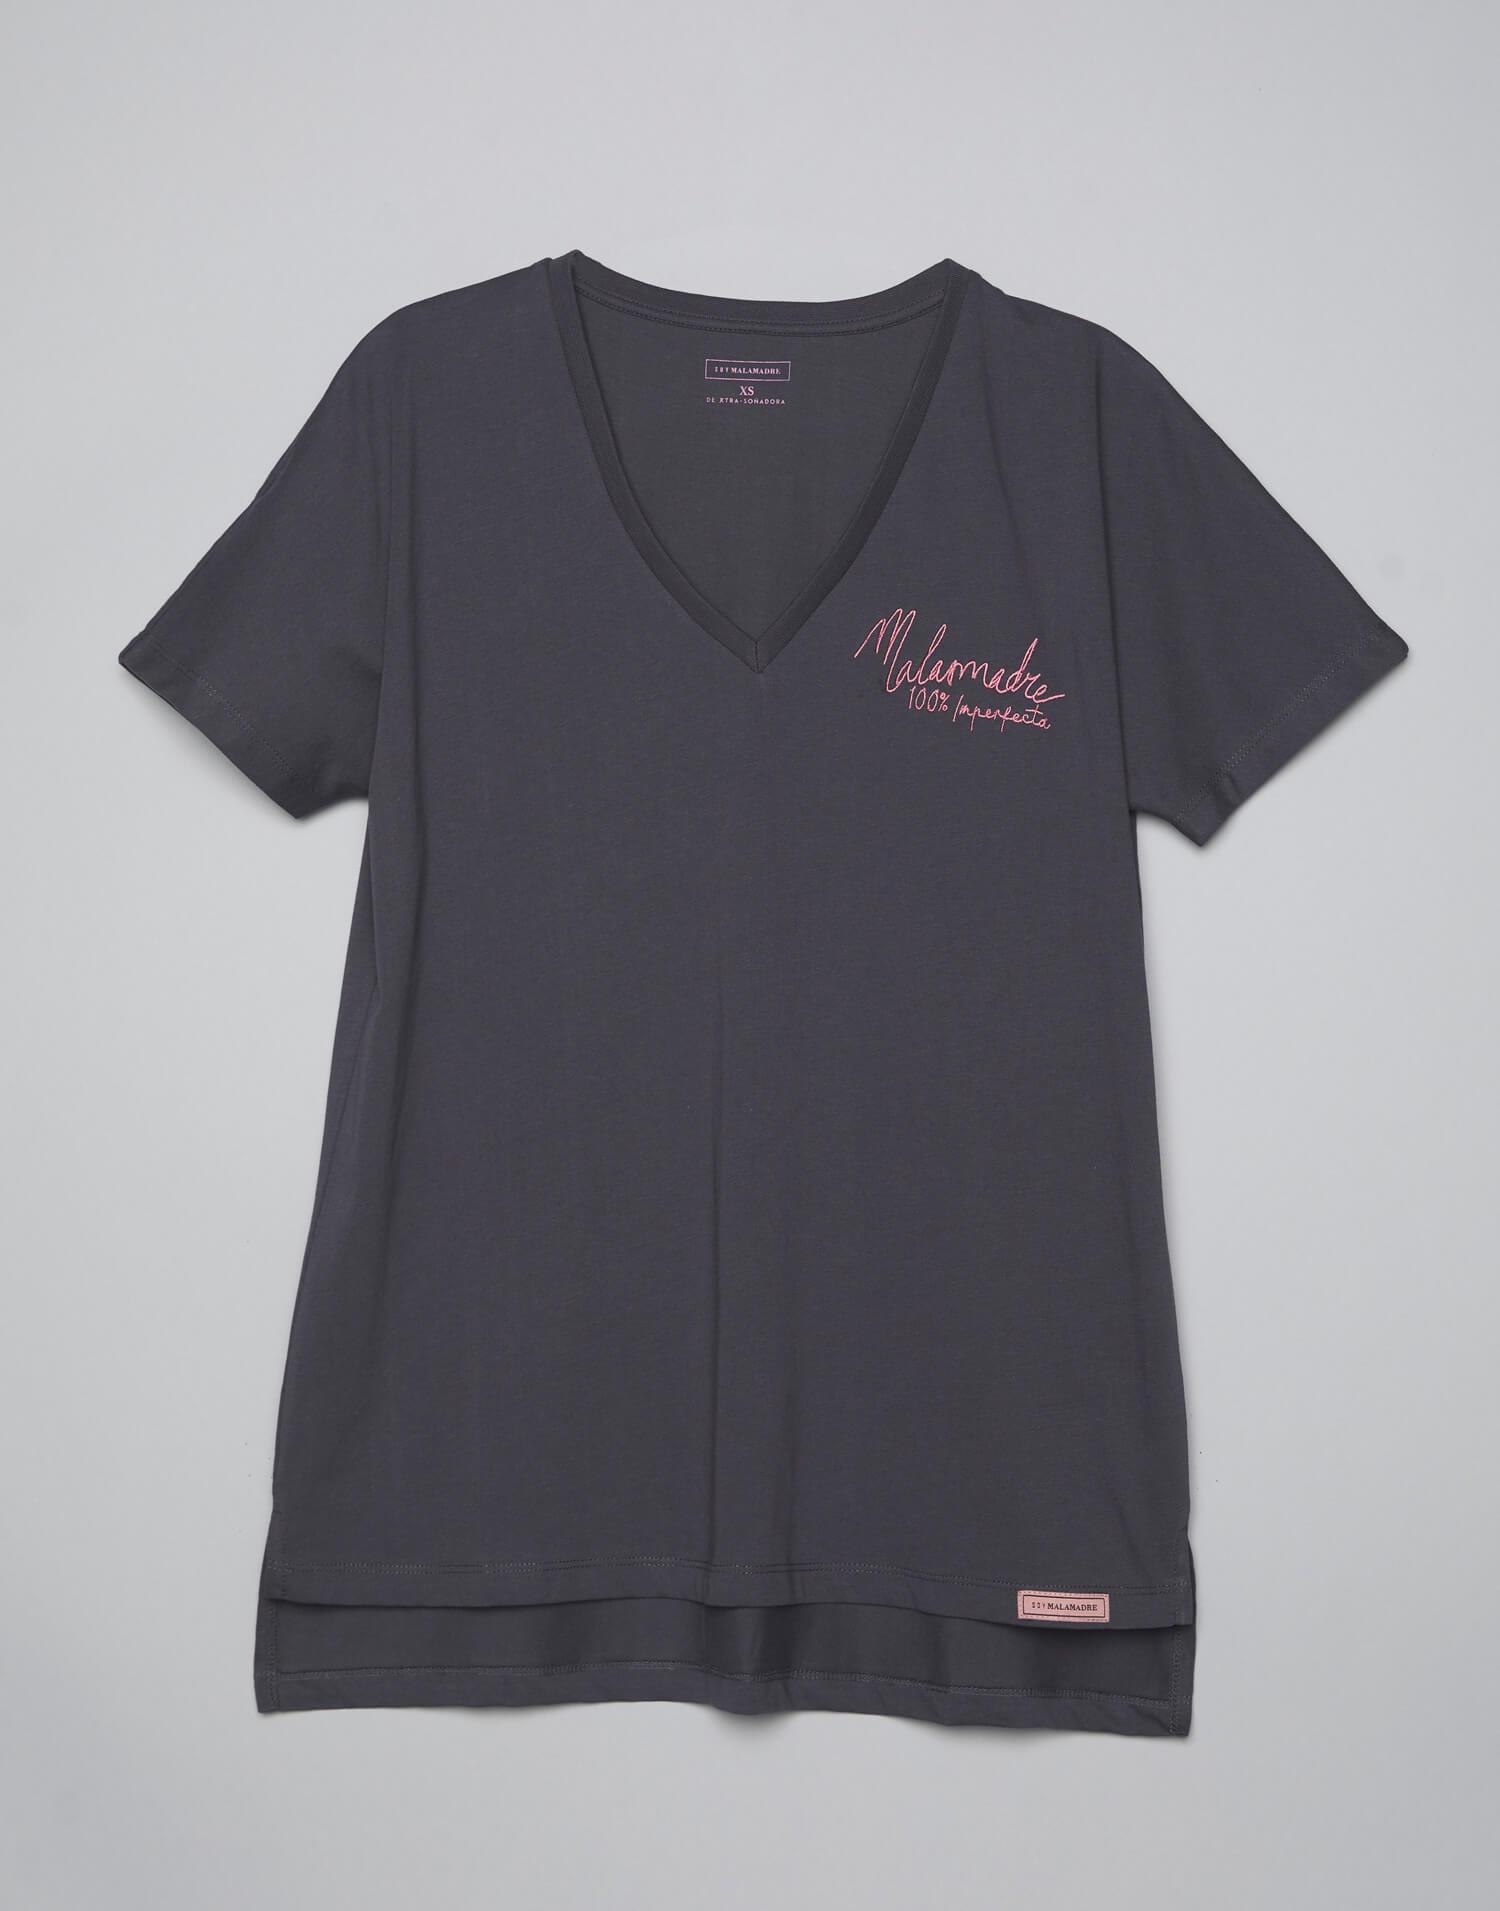 Camiseta negra 100% Imperfecta